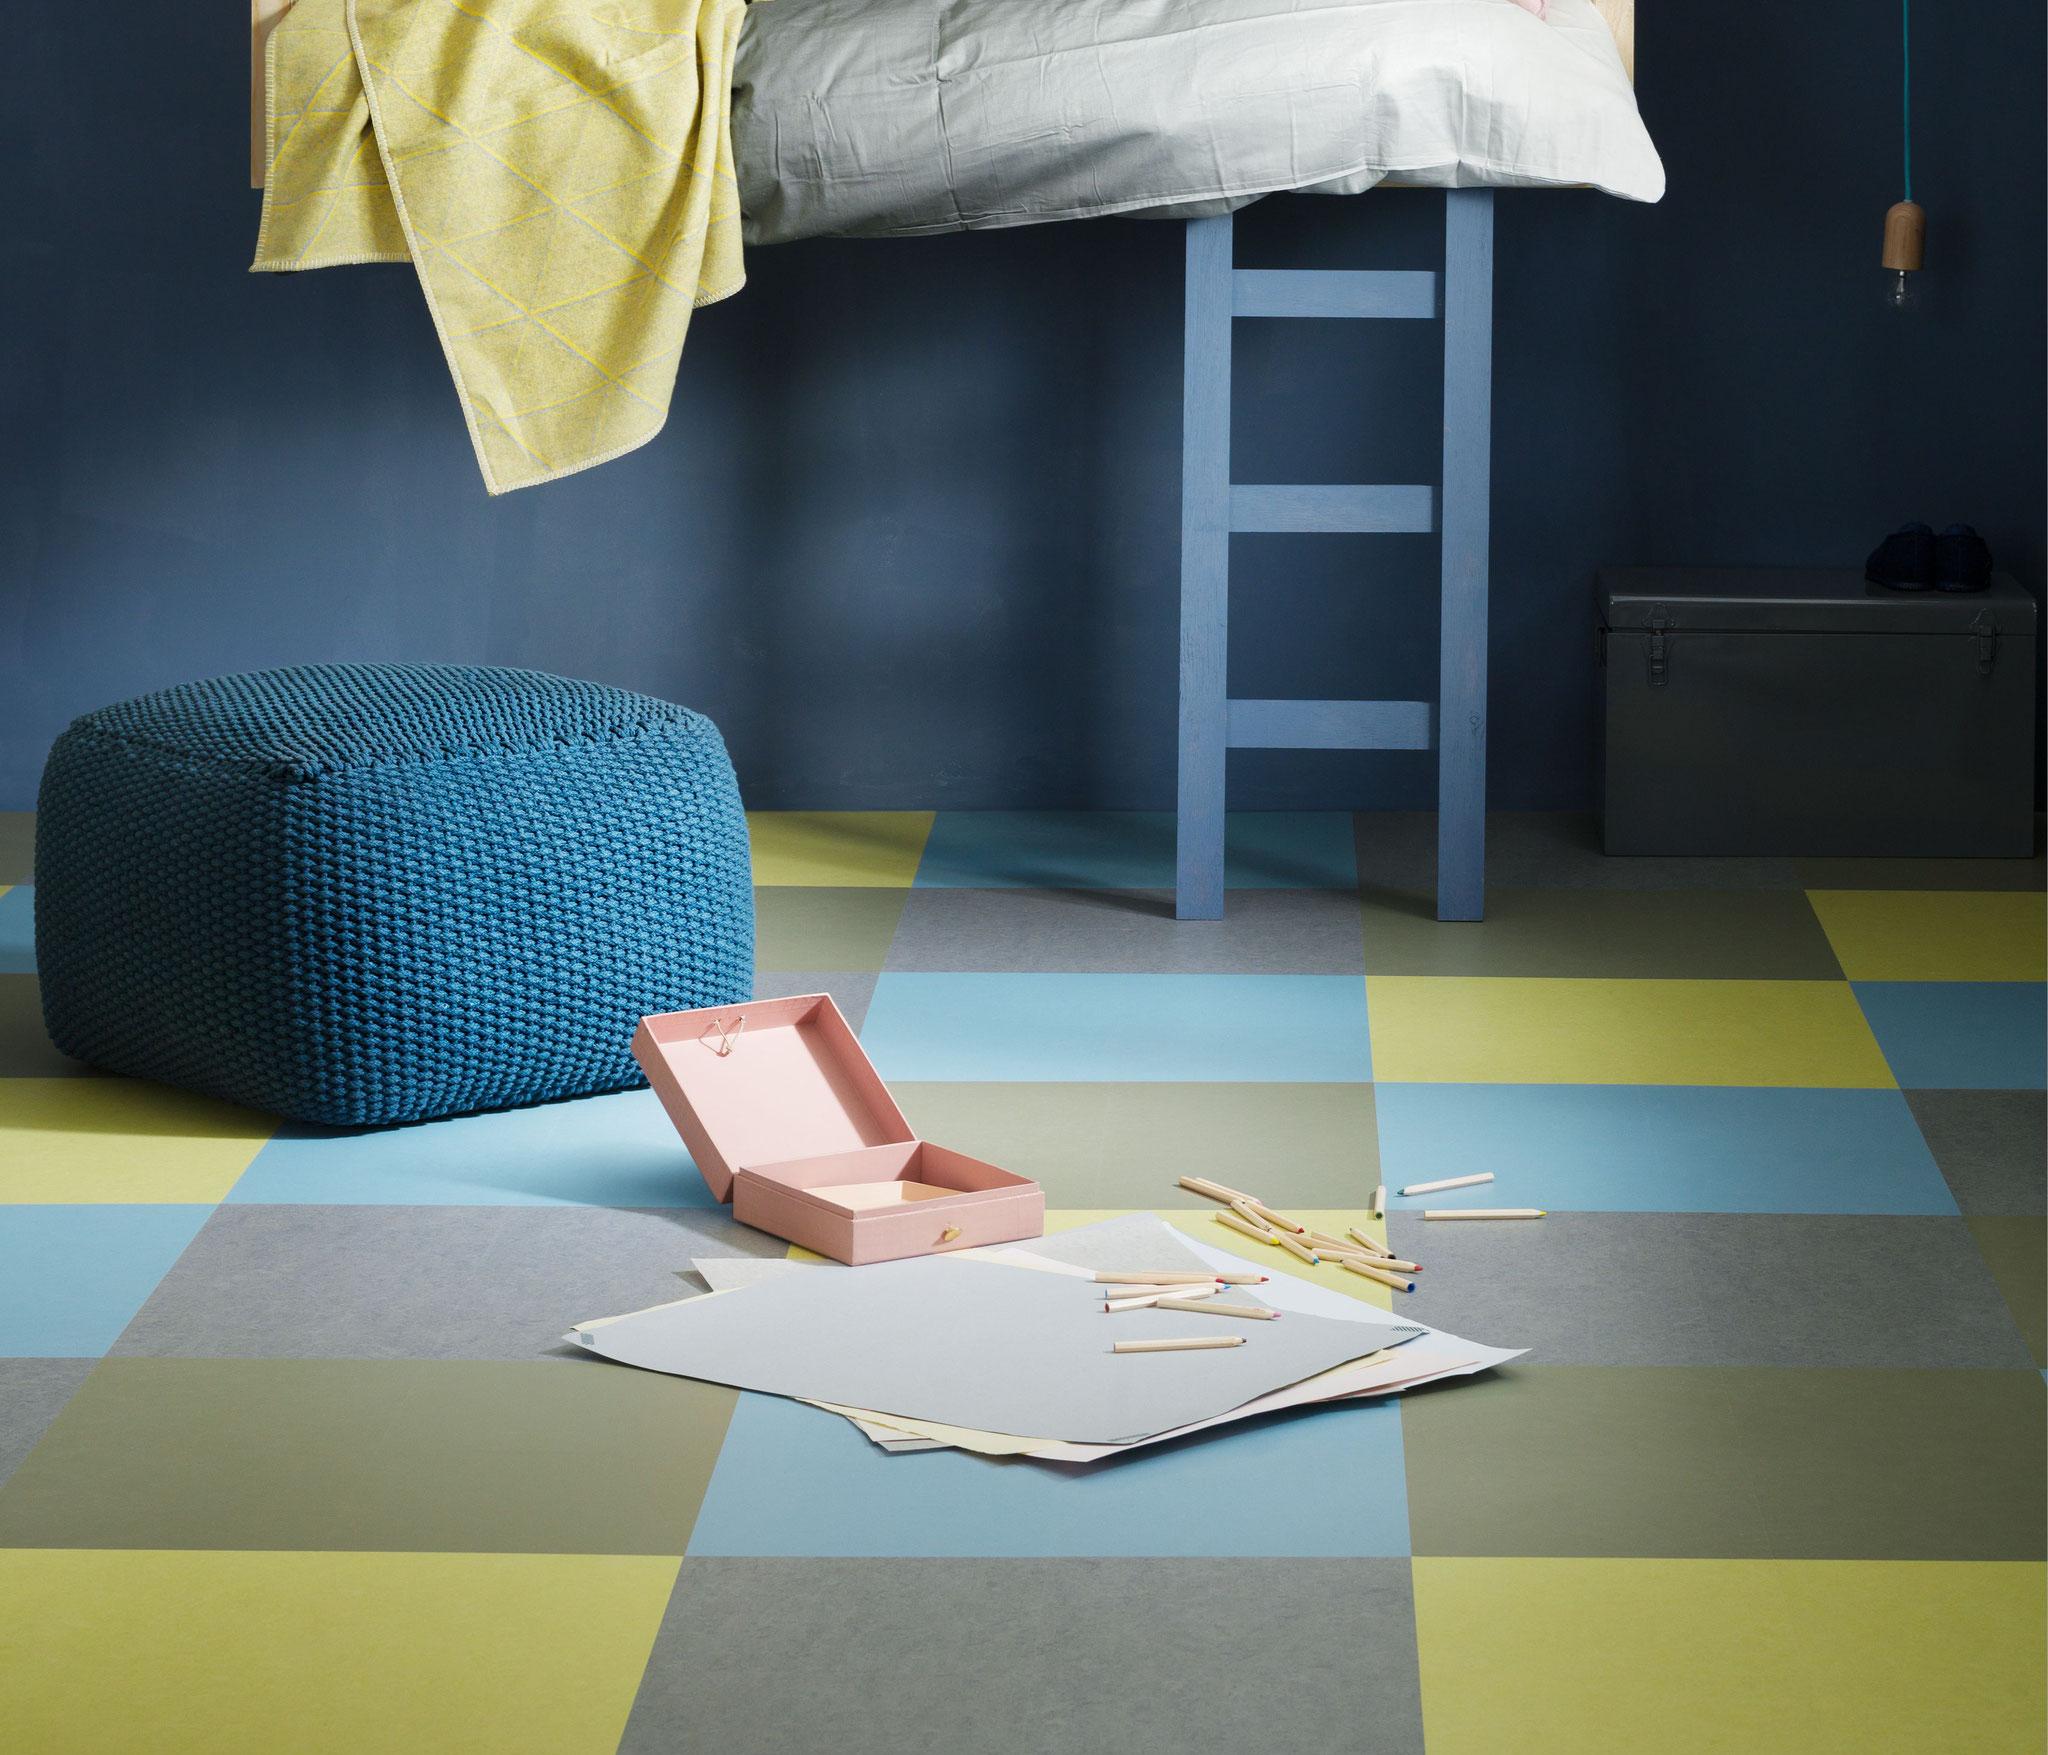 Детская комната в спокойных сине-зеленых тонах